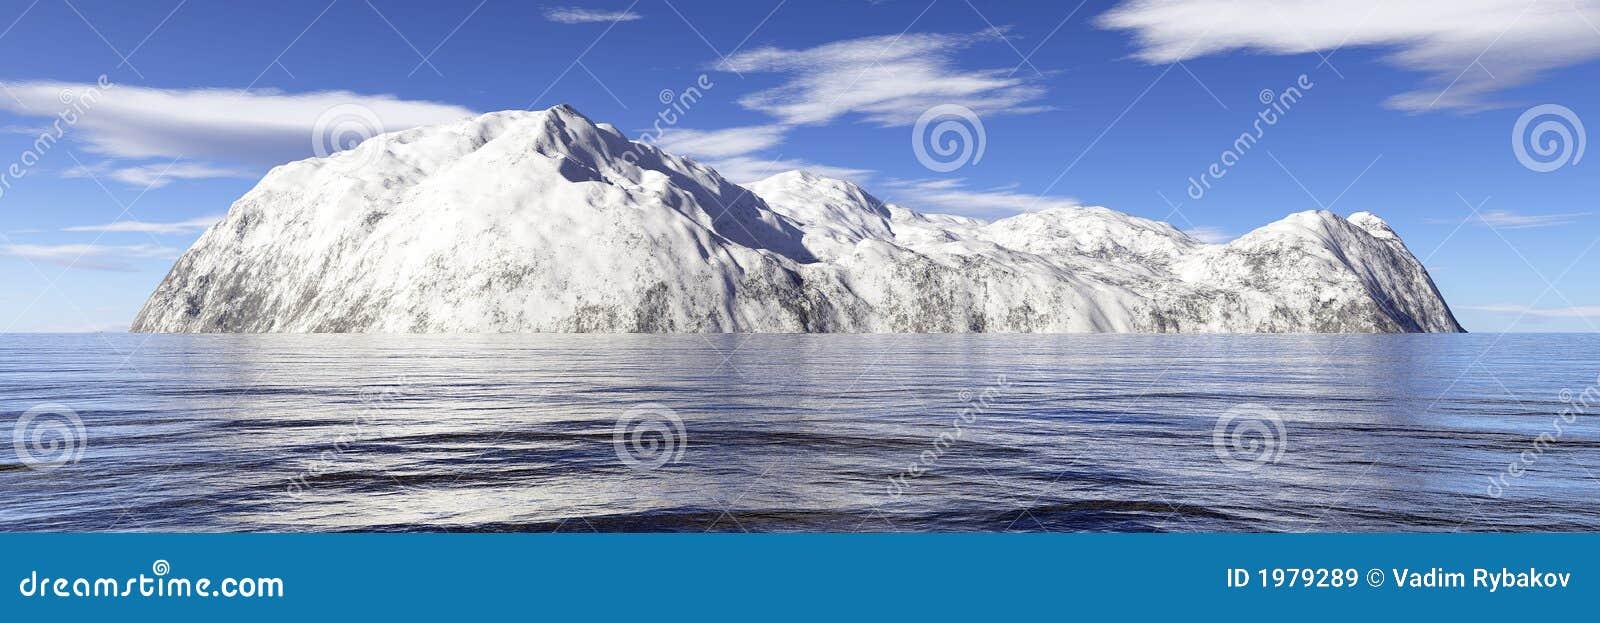 Wyspa śnieg